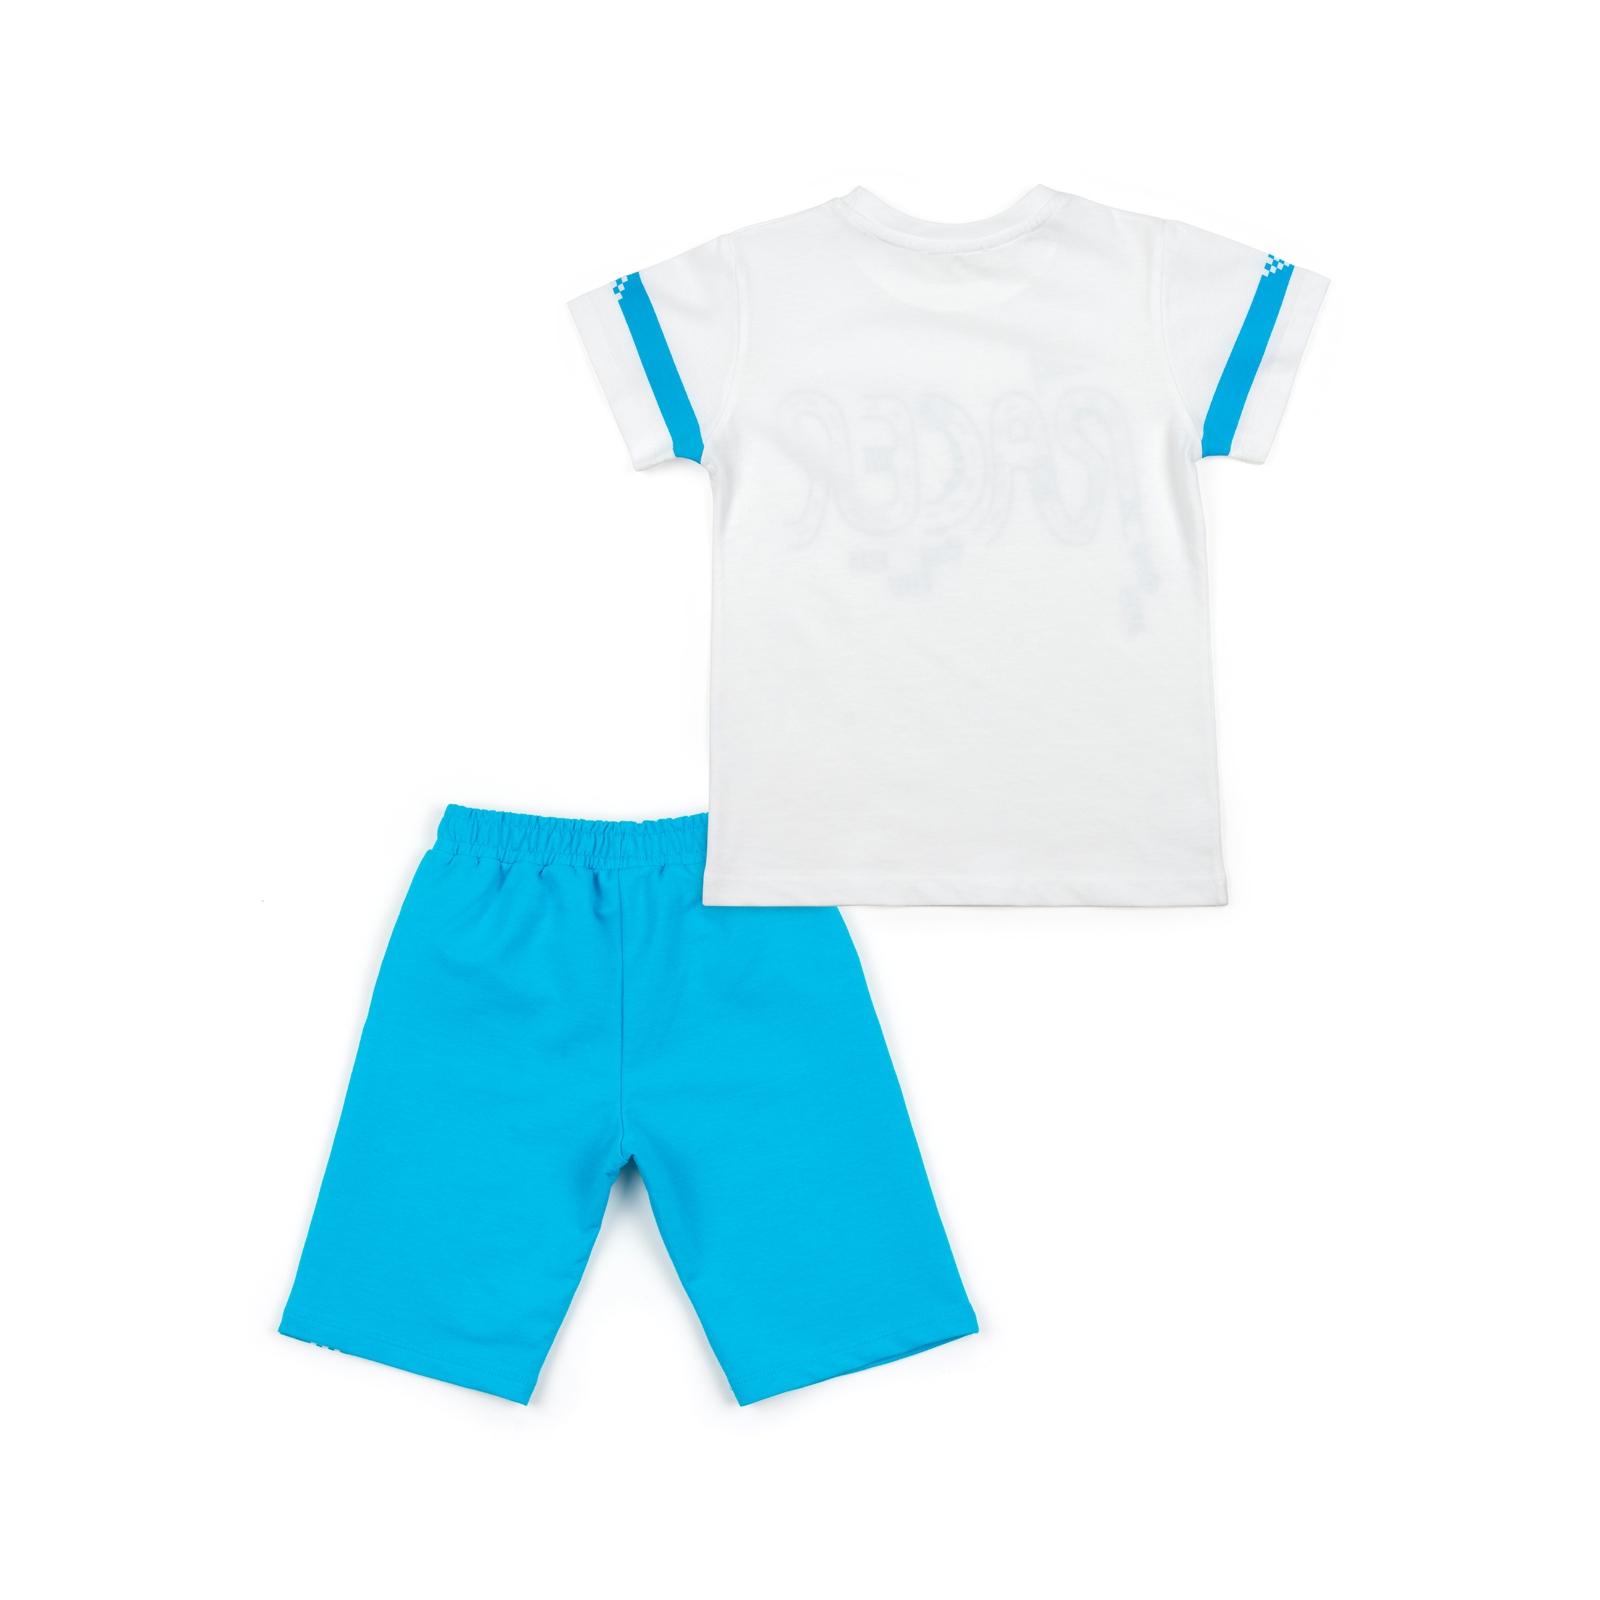 Набор детской одежды Breeze с машинками (12103-92B-blue) изображение 2